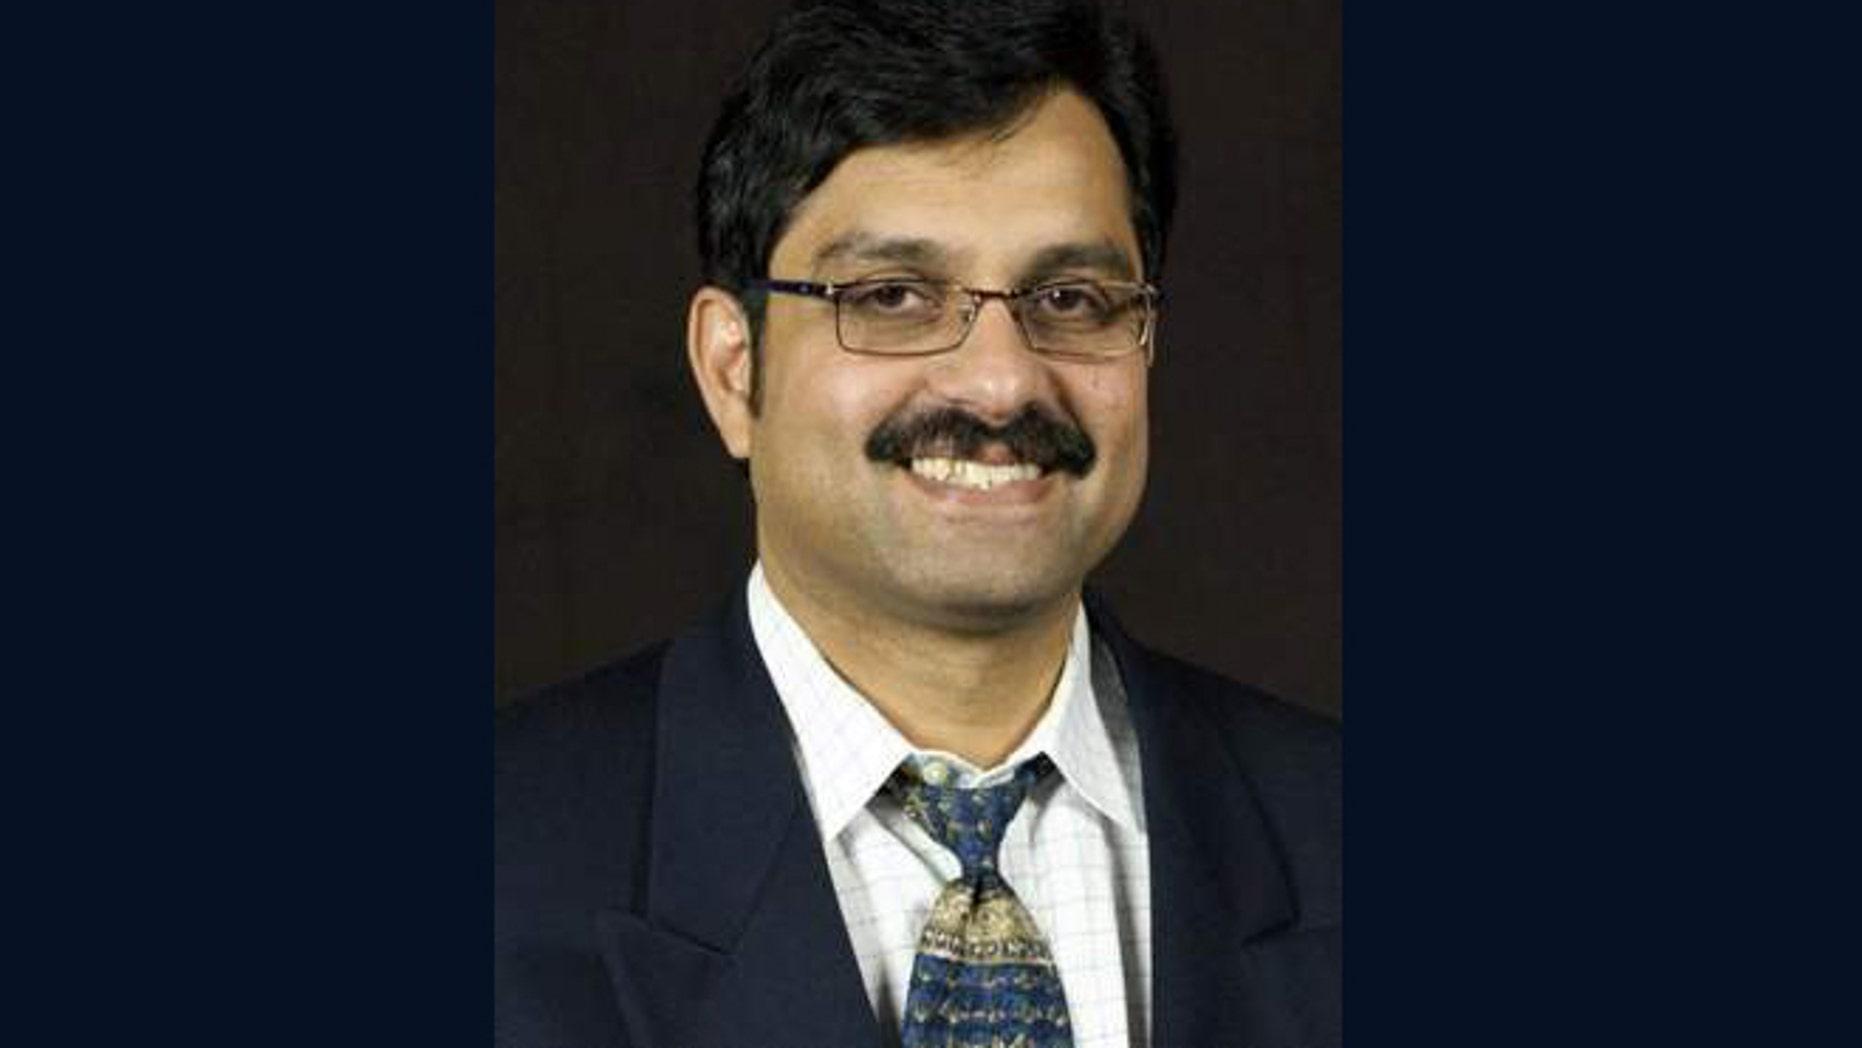 Dr. Mehdi Ali Qamar